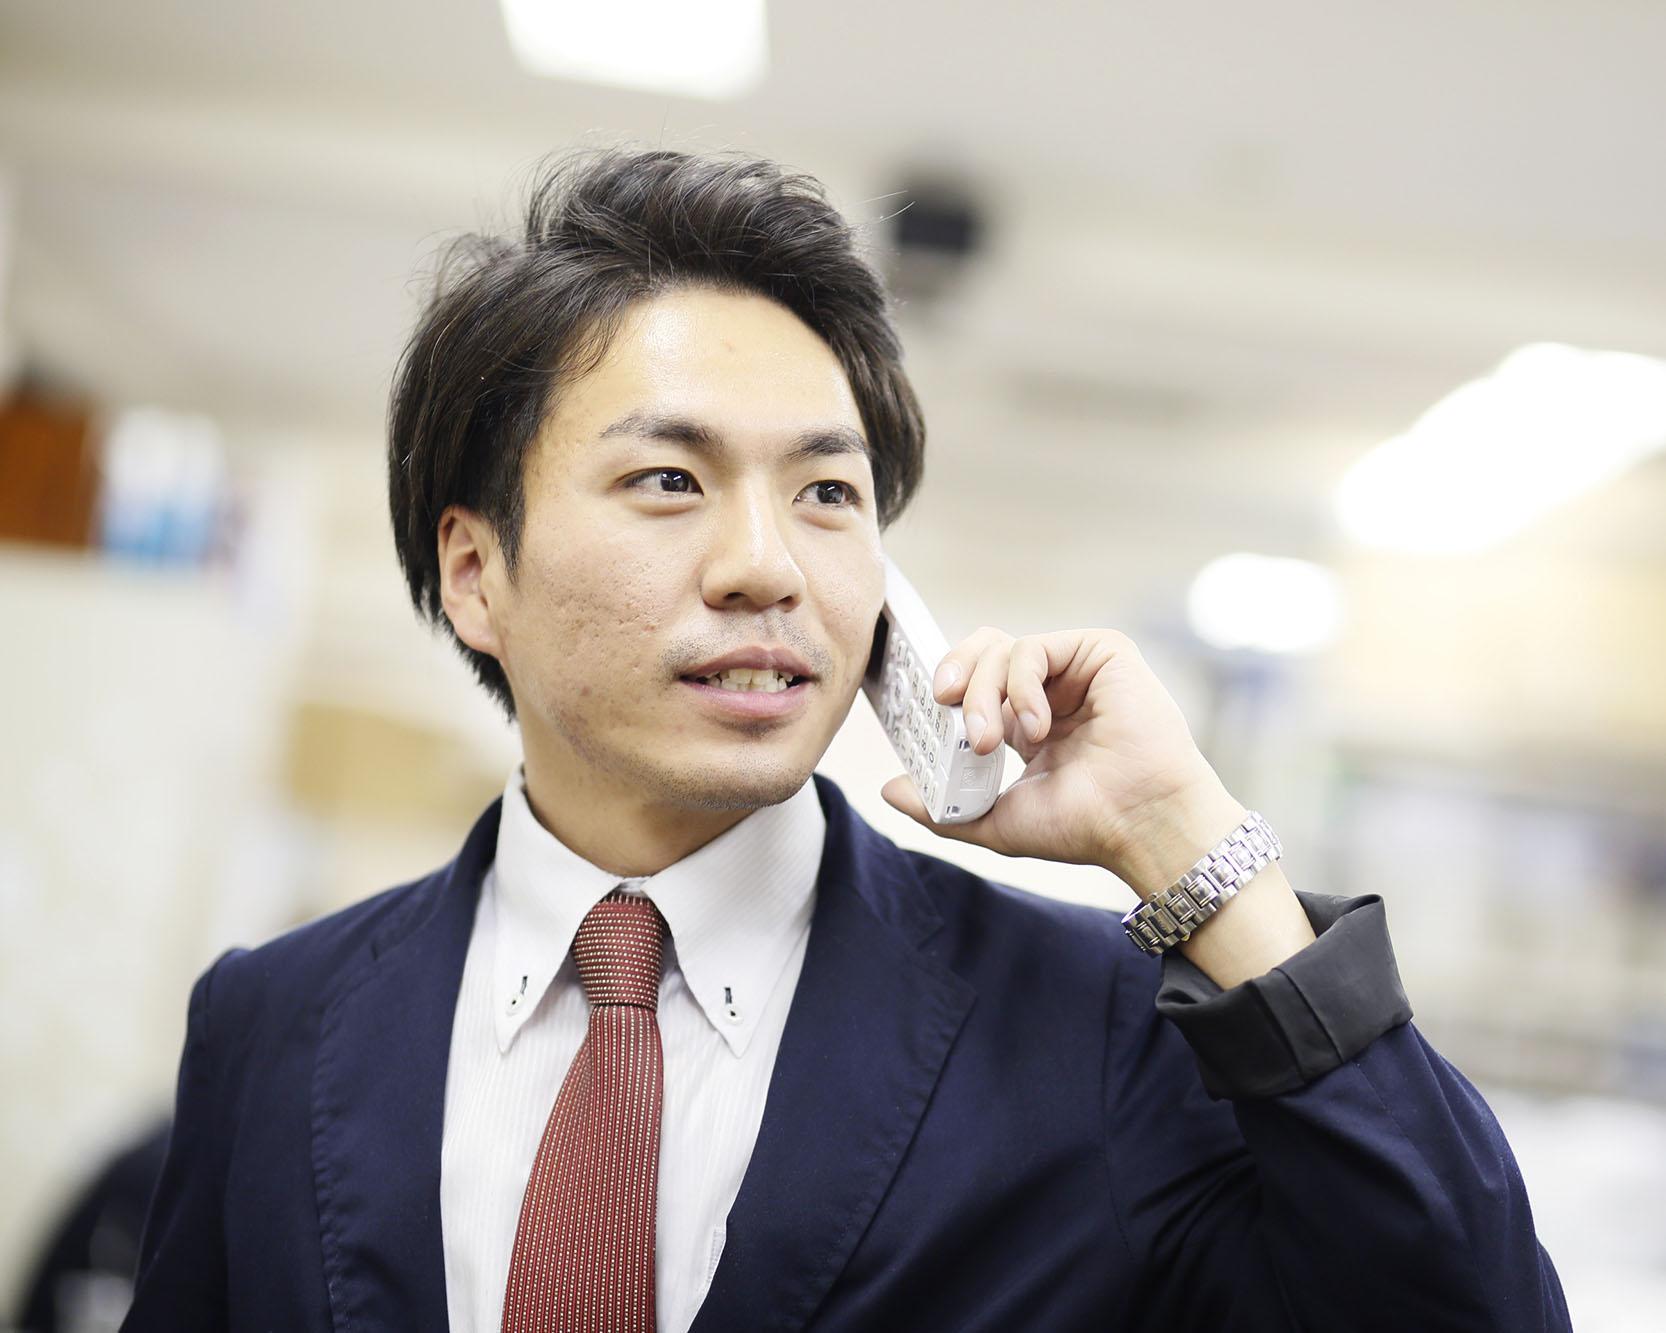 【営業STAFF】◆横浜営業所◆2020年2月新規OPEN!◆未経験でも月給30万円~スタート